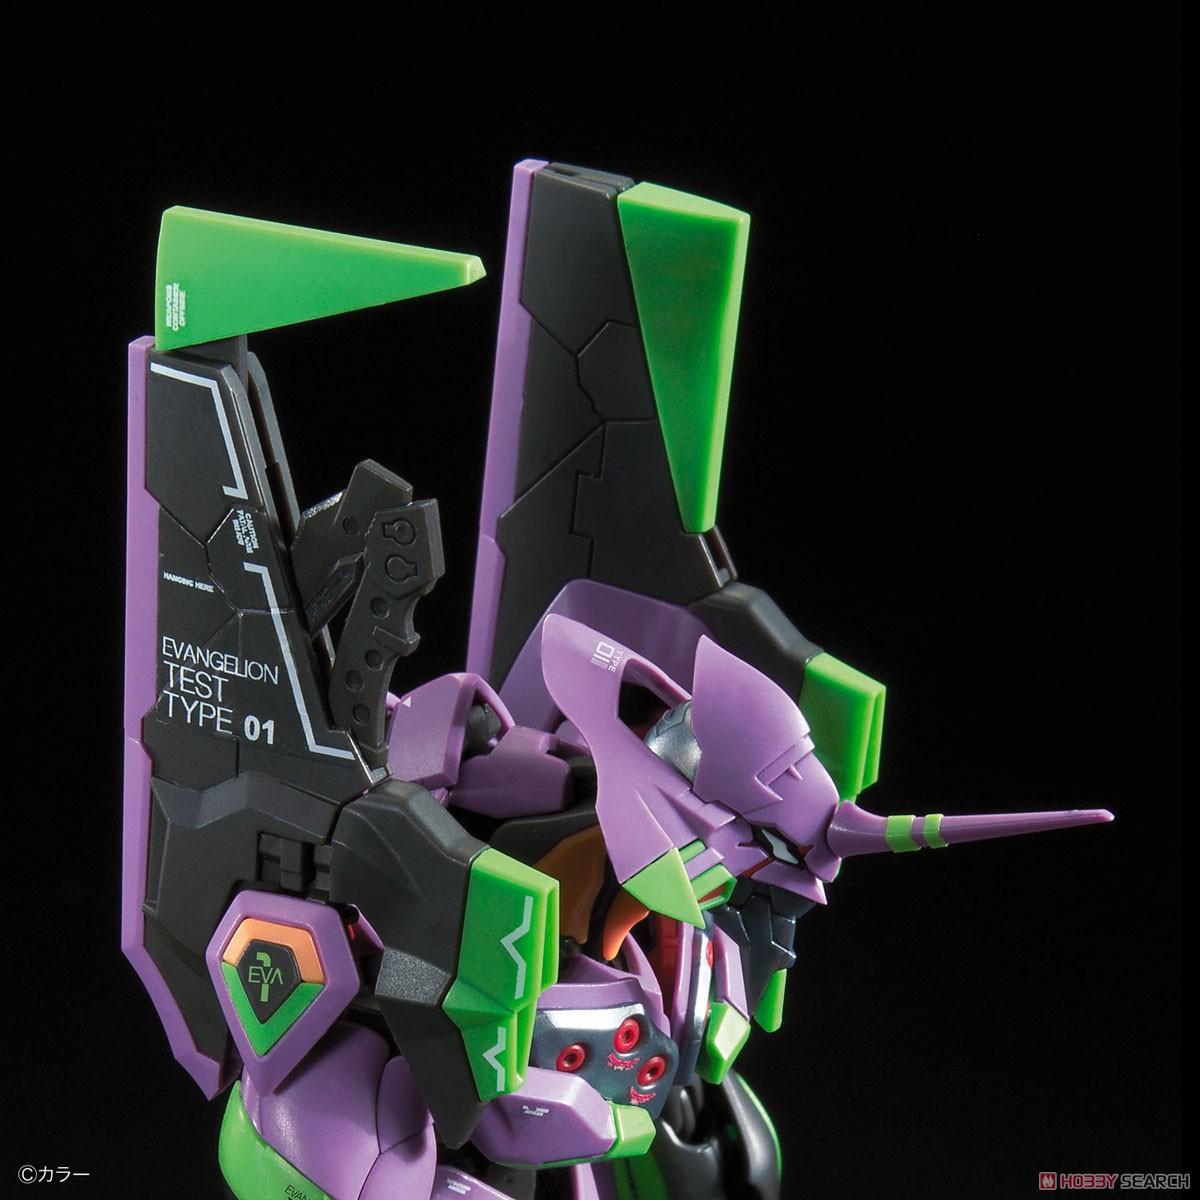 【8月再販】RG『汎用ヒト型決戦兵器 人造人間エヴァンゲリオン初号機』プラモデル-010